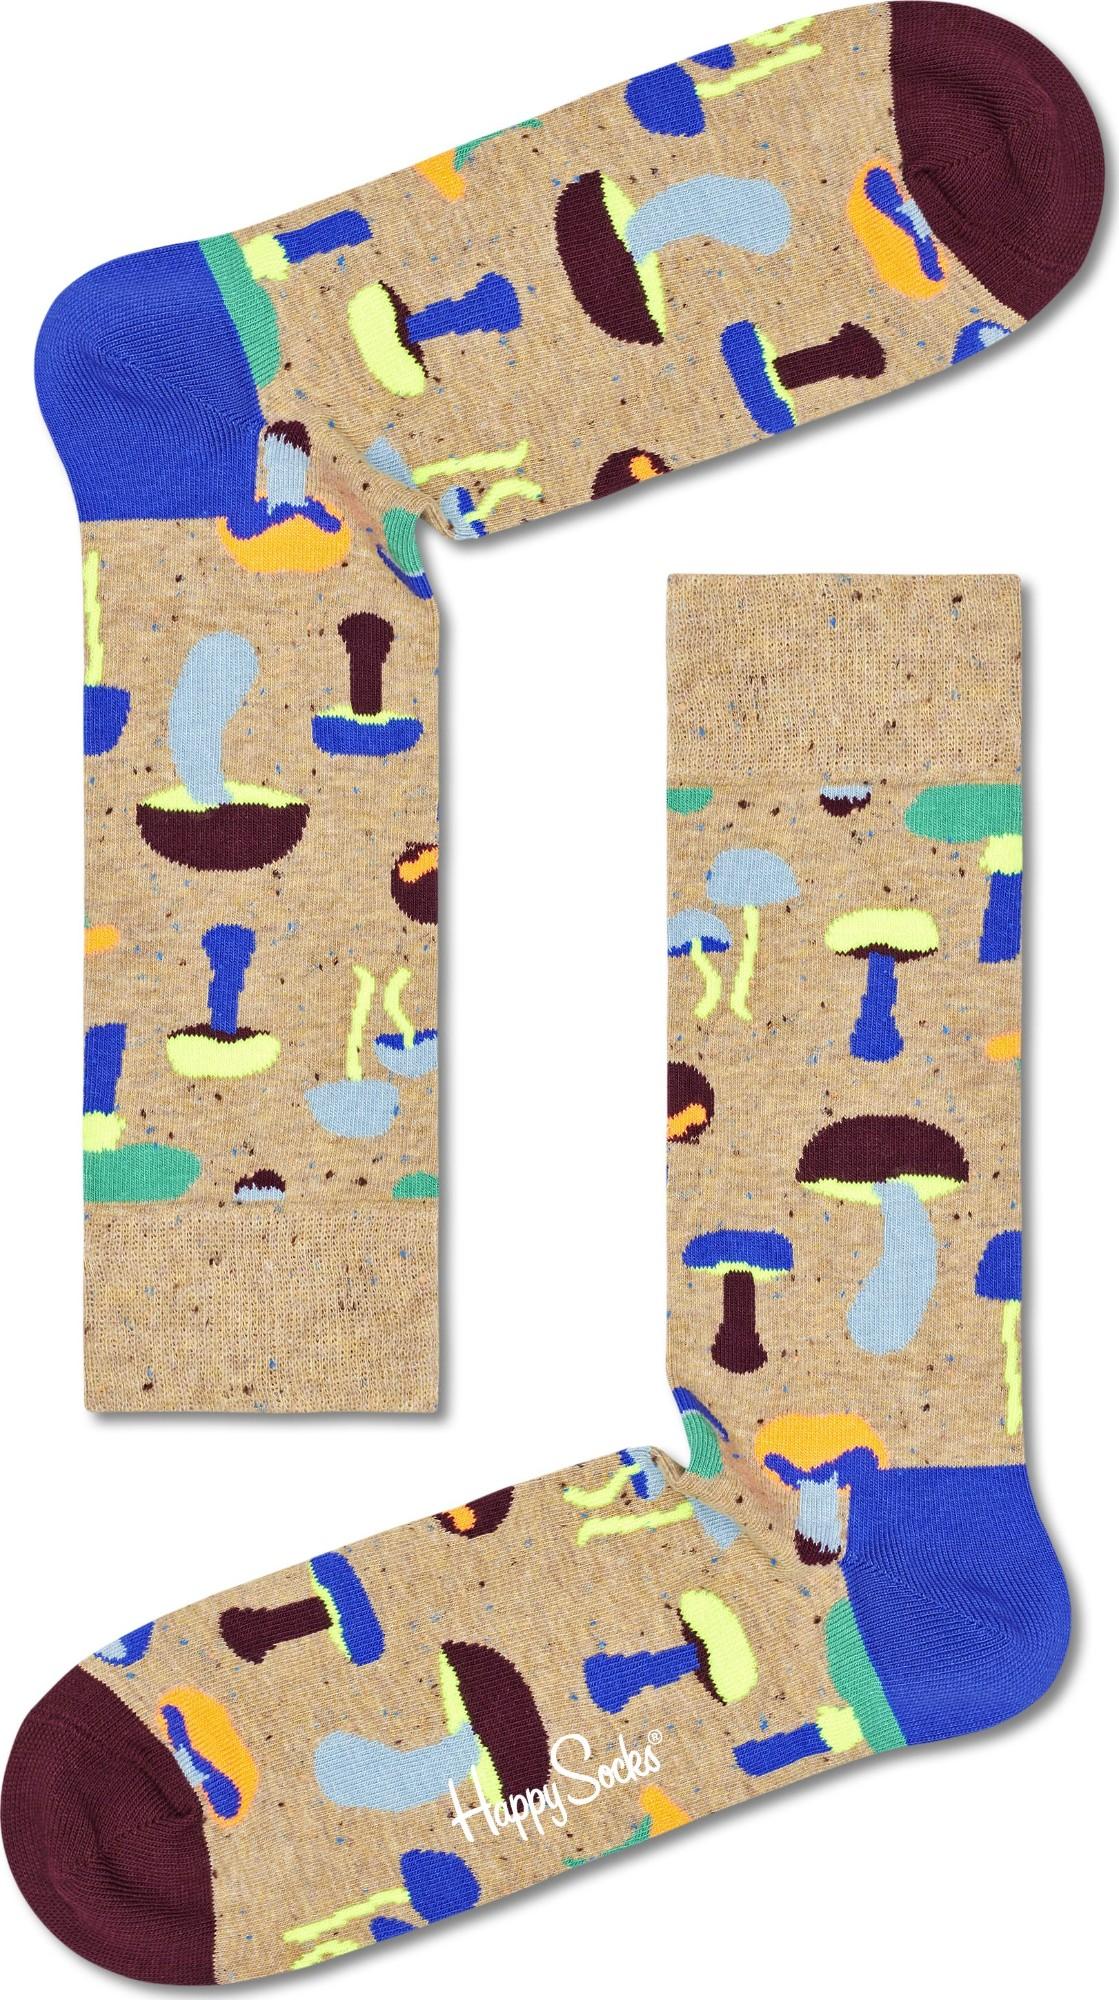 Happy Socks Mushroom Multi 1700 41-46